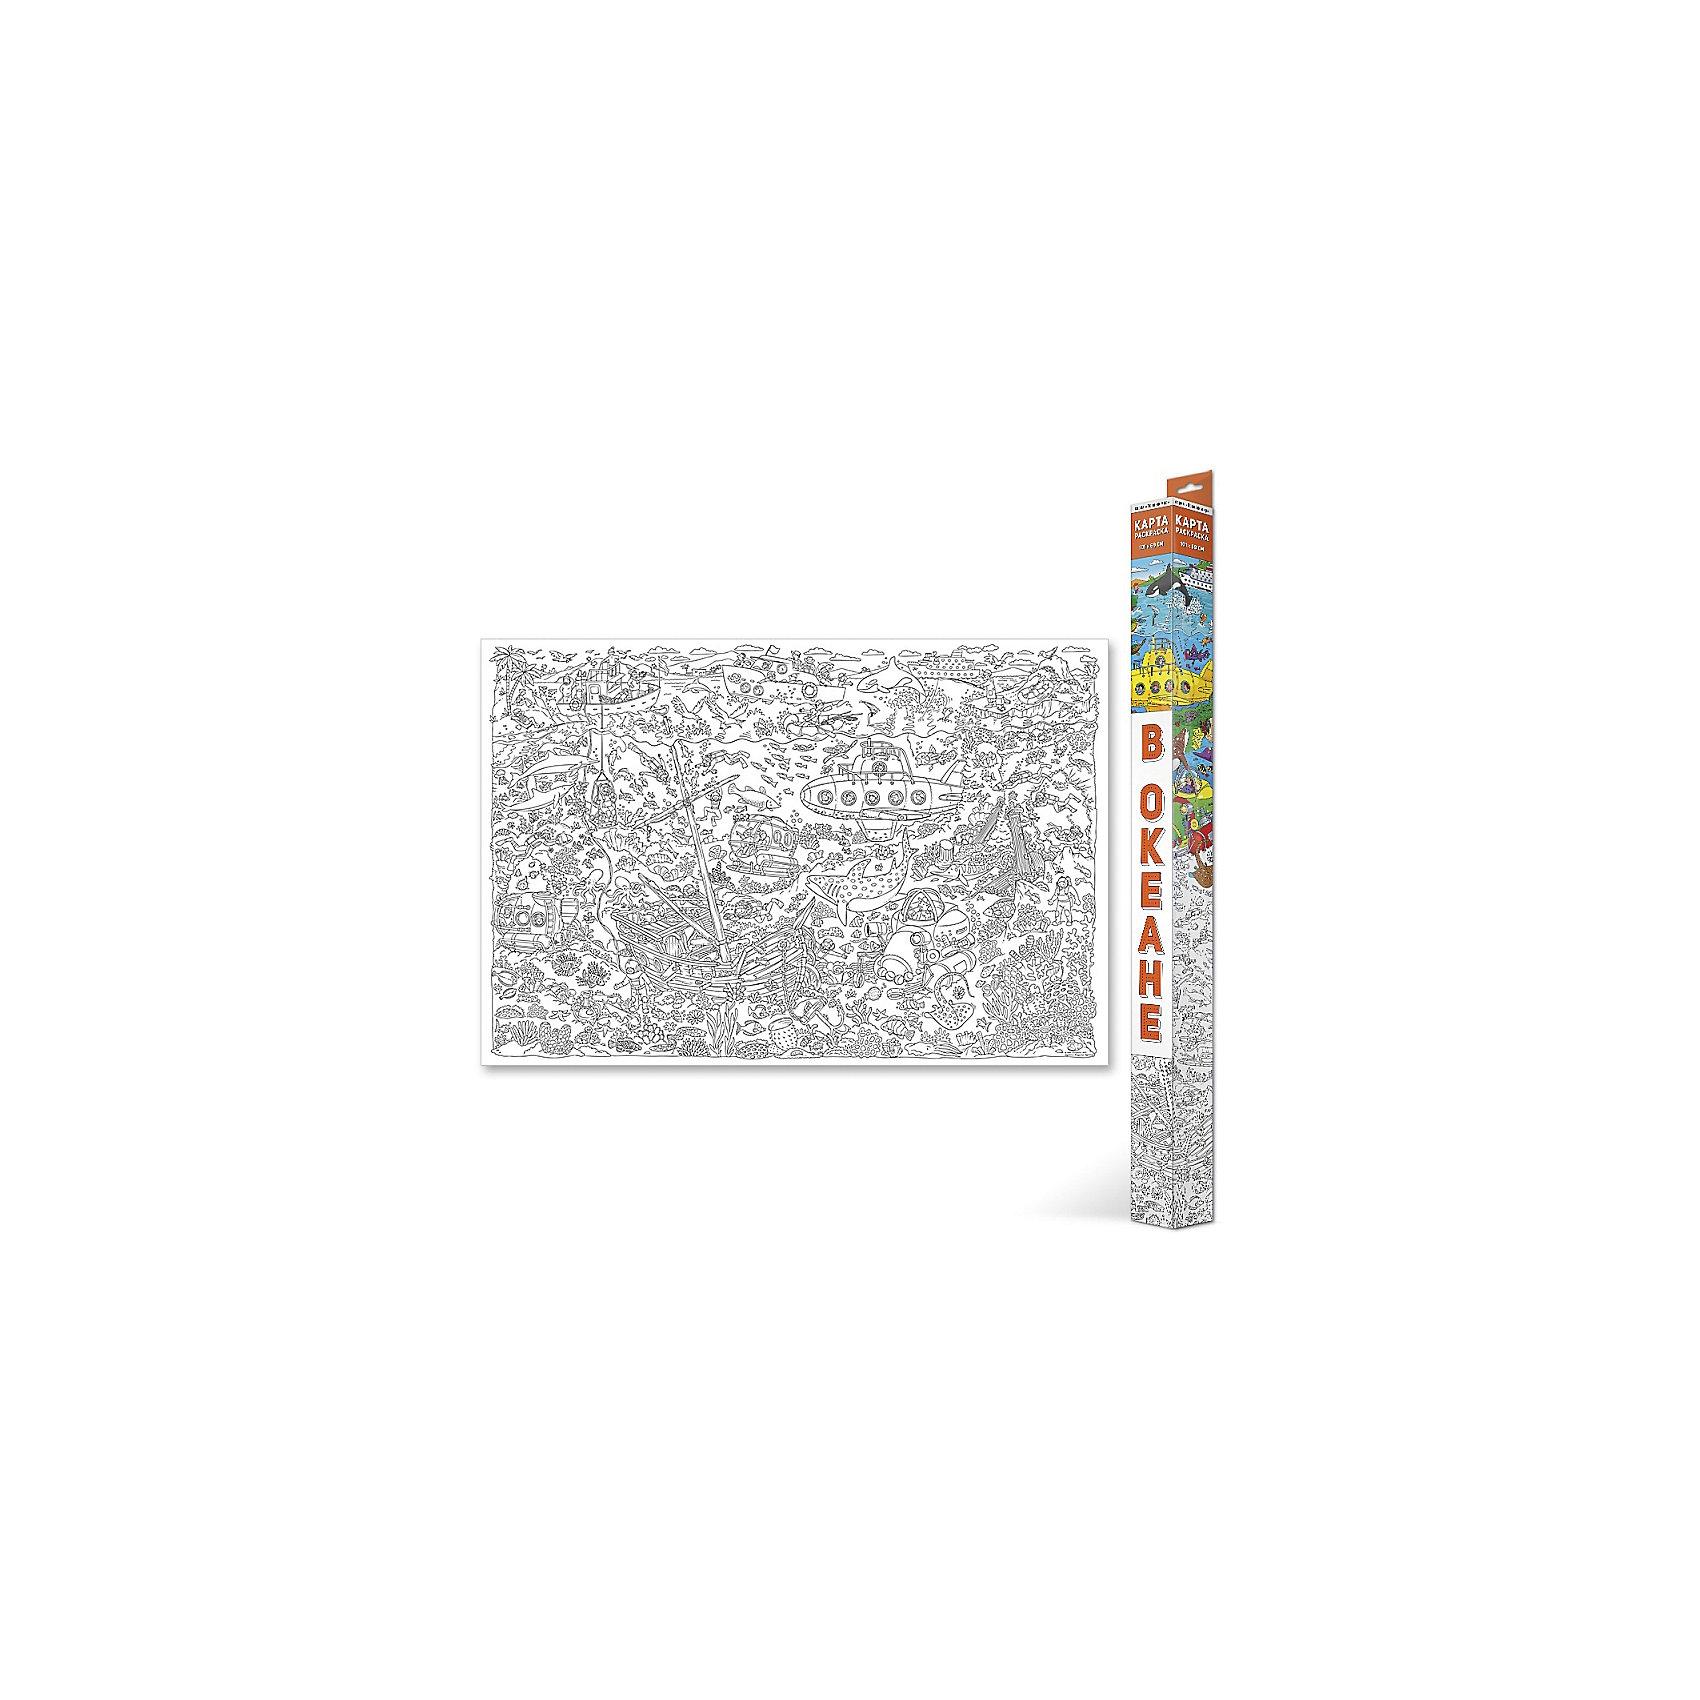 Большая раскраска В океанеРисование<br>Характеристики товара:<br><br>• возраст от 3 лет;<br>• материал: картон;<br>• размер раскраски 101х69 см;<br>• размер упаковки 76х6х6 см;<br>• вес упаковки 175 гр.;<br>• страна производитель: Россия.<br><br>Большая раскраска «В океане» ГеоДом — это не просто раскраска, а настоящая карта обитателей подводного мира. Раскрашивая картинку, ребенок познакомится с удивительными животными, рыбами и птицами. В процессе у ребенка развиваются творческие способности, воображение, внимательность к деталям и усидчивость.<br><br>Большую раскраску «В океане» ГеоДом можно приобрести в нашем интернет-магазине.<br><br>Ширина мм: 760<br>Глубина мм: 60<br>Высота мм: 60<br>Вес г: 175<br>Возраст от месяцев: 36<br>Возраст до месяцев: 2147483647<br>Пол: Унисекс<br>Возраст: Детский<br>SKU: 5518195